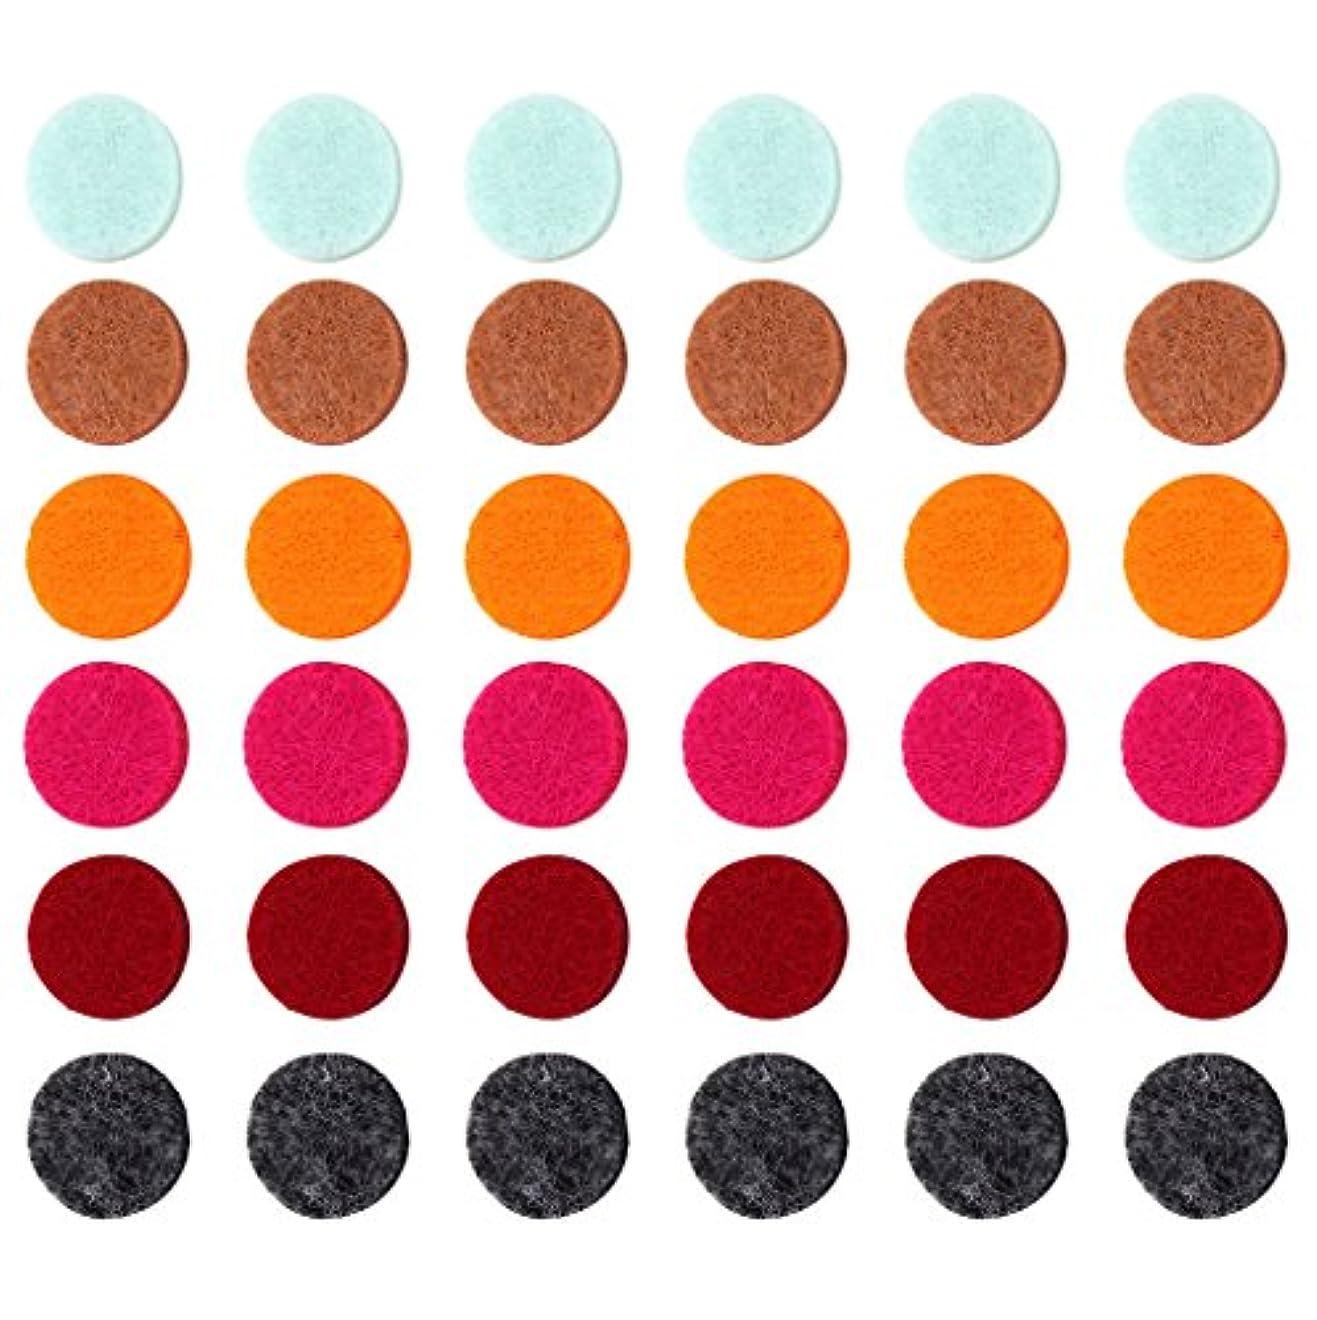 国民平手打ちチョップZYsta 36個Refill Pads for Aromatherapy Essential Oil Diffuserロケットネックレス、交換用パッド: Thickened/洗濯可能/高吸水性のアロマディフューザーペンダント